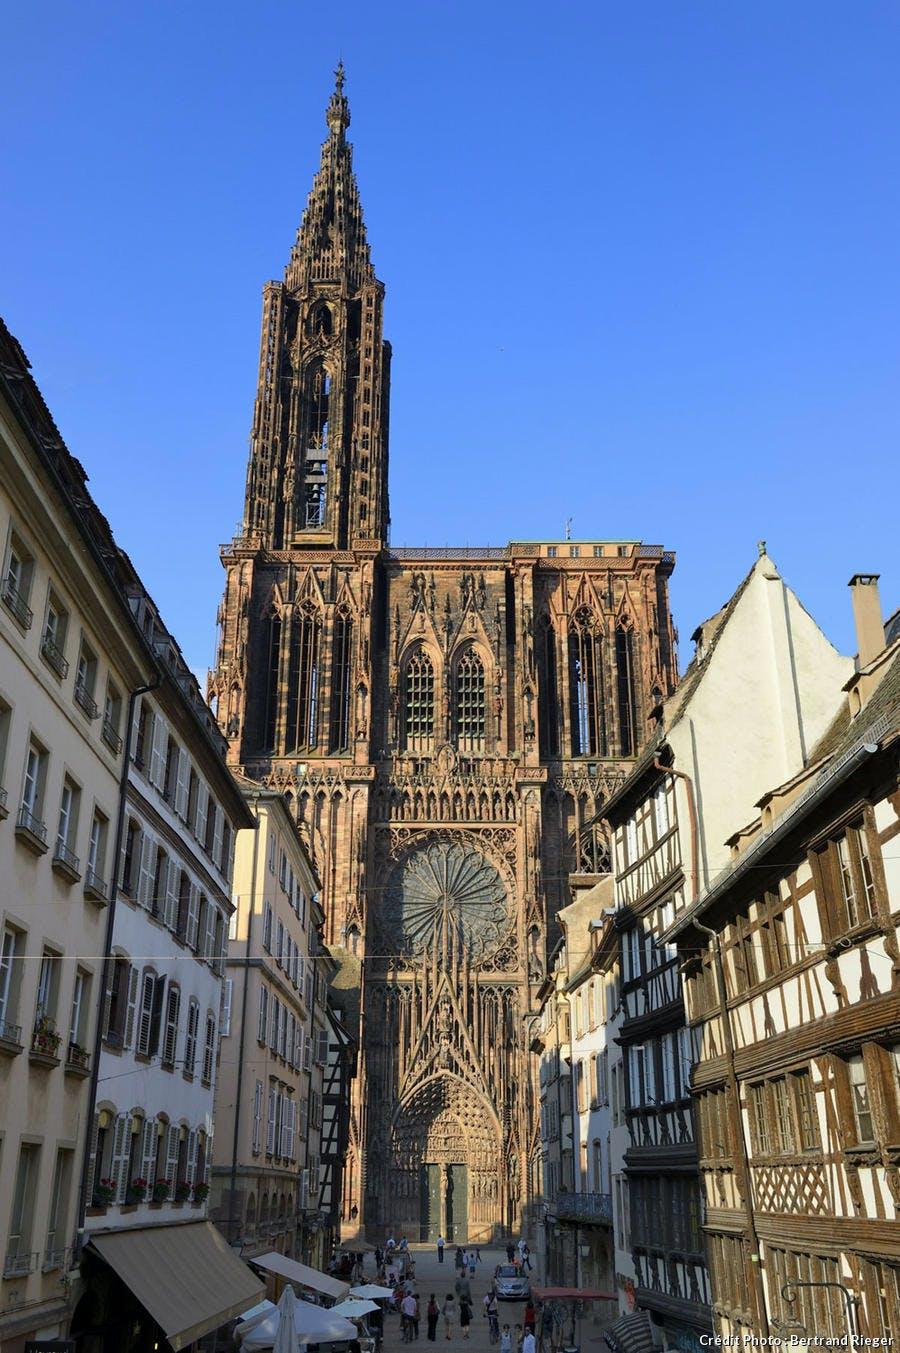 Les Plus Grandes Cathédrales De France : grandes, cathédrales, france, Belles, Cathédrales, France, Détours